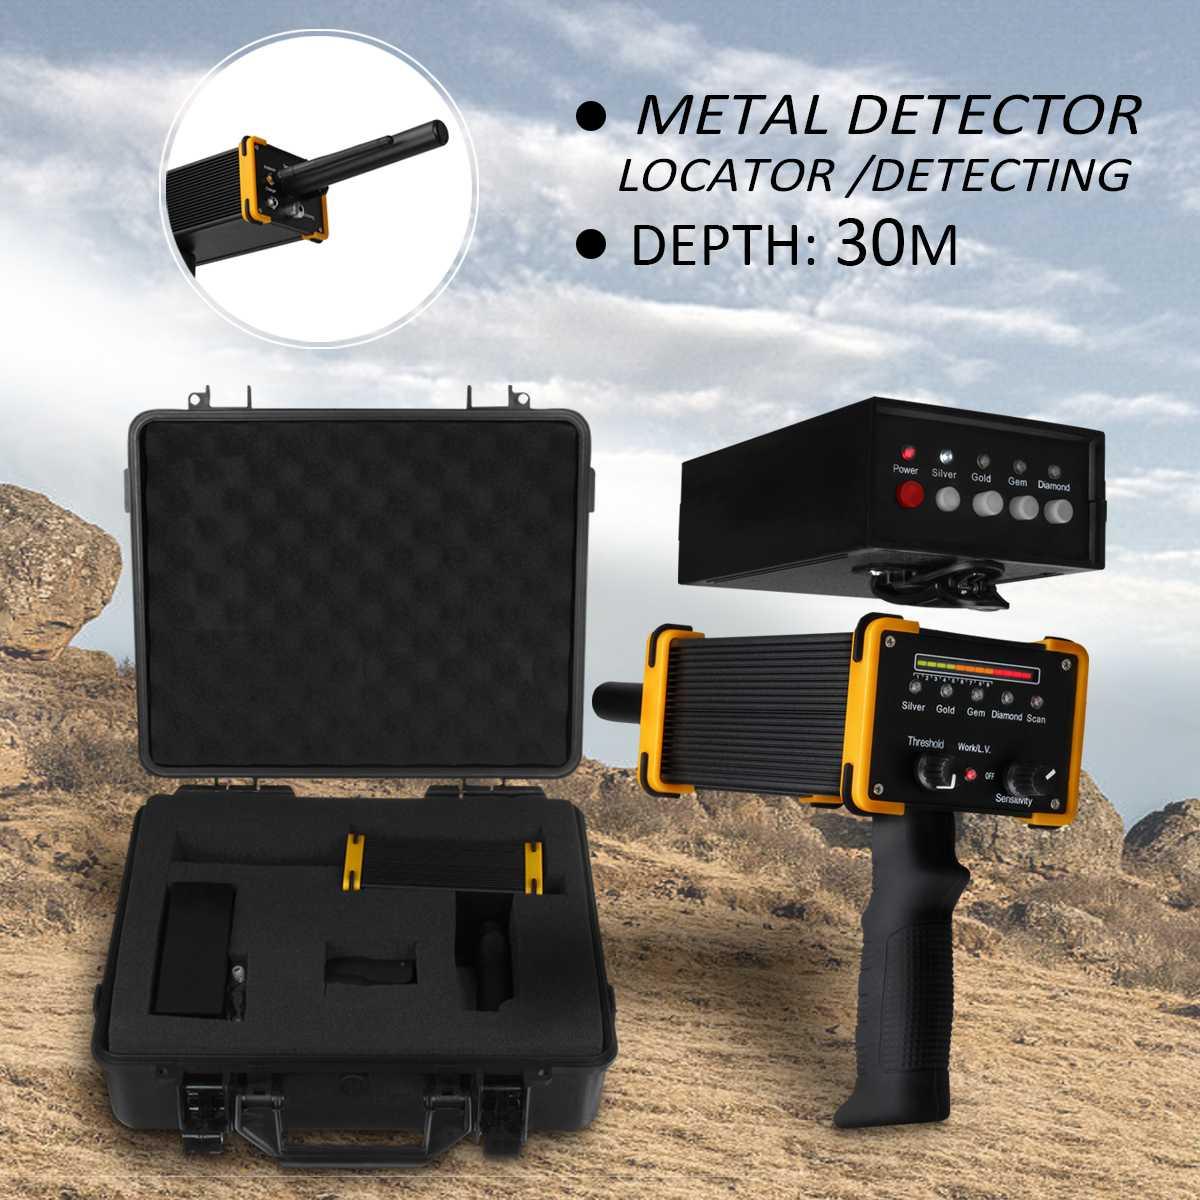 30 m Profundidade Detector de Metais do solo máquina com Caixa de Embalagem Equipamento detector de Ouro Prata Diamante de metal À Prova D' Água